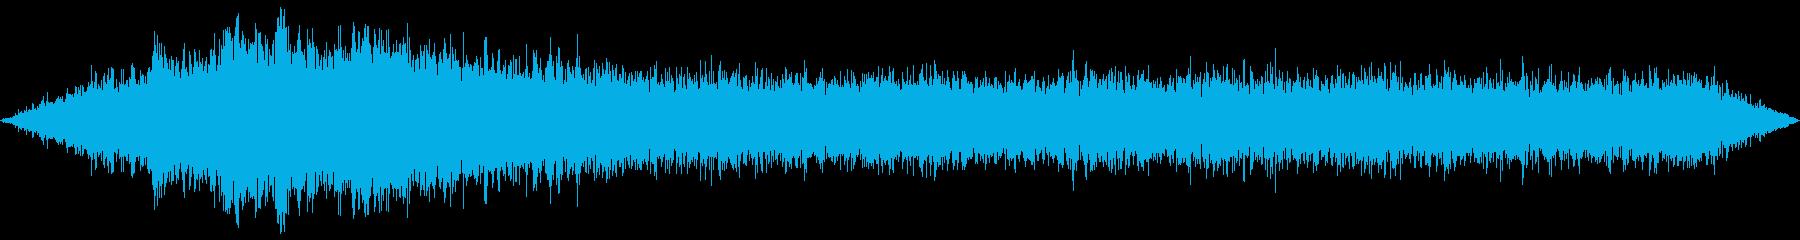 東京地下鉄駅の電車到着音の再生済みの波形